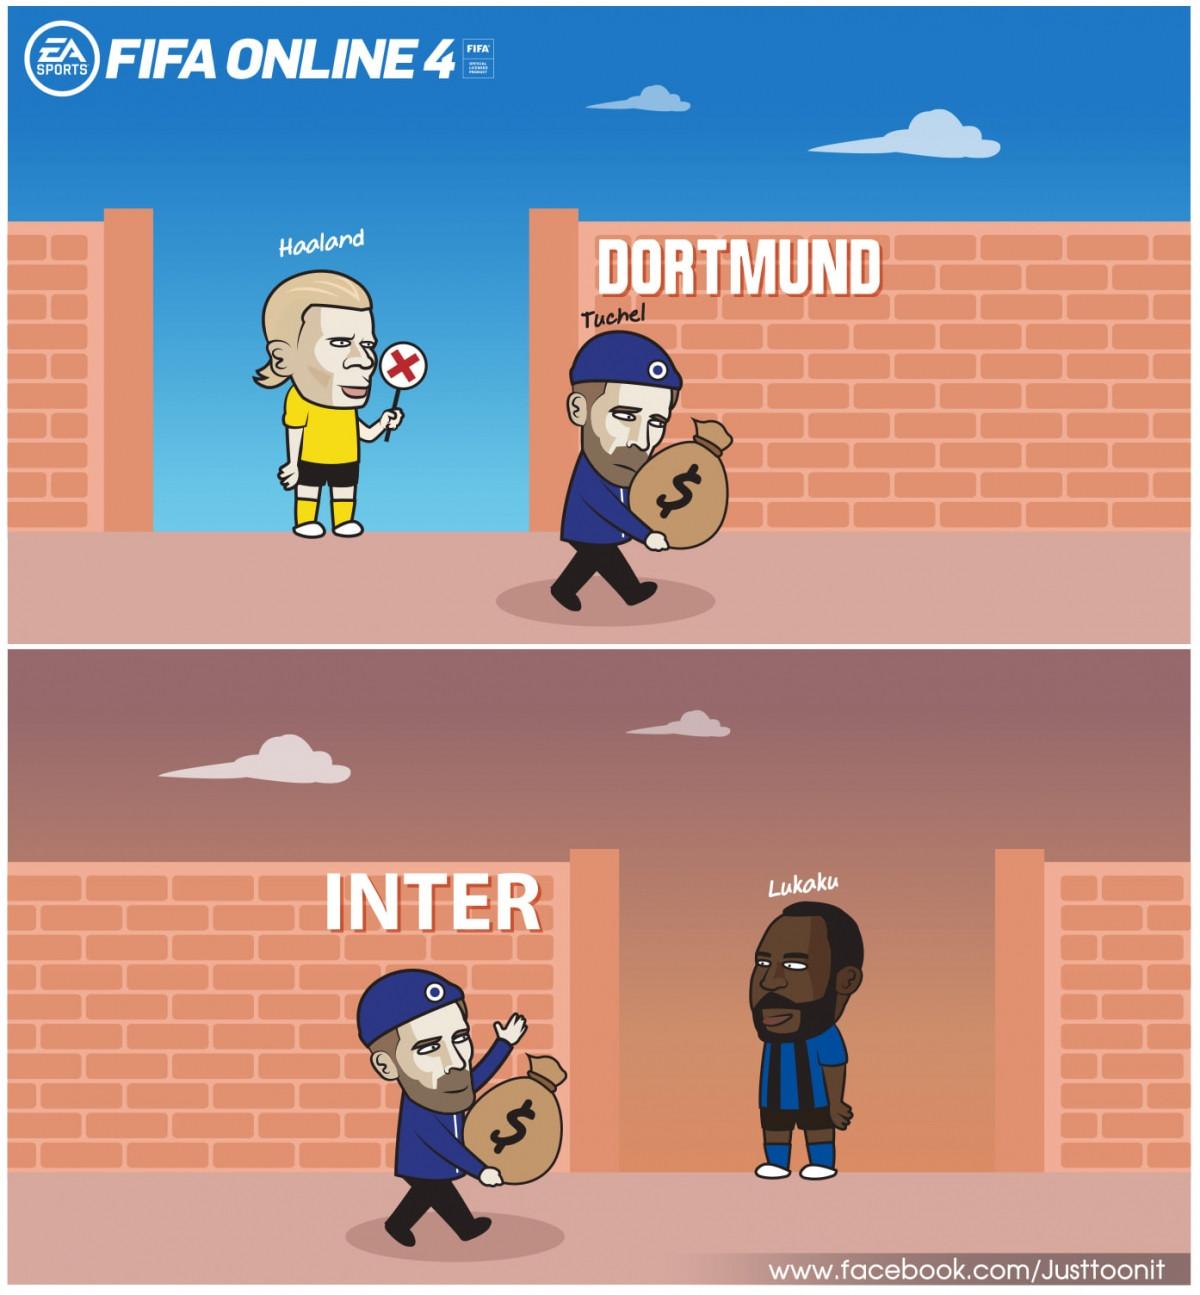 Không mua được Haaland, Chelsea chuyển hướng sang Lukaku. (Ảnh: Just Toonit).